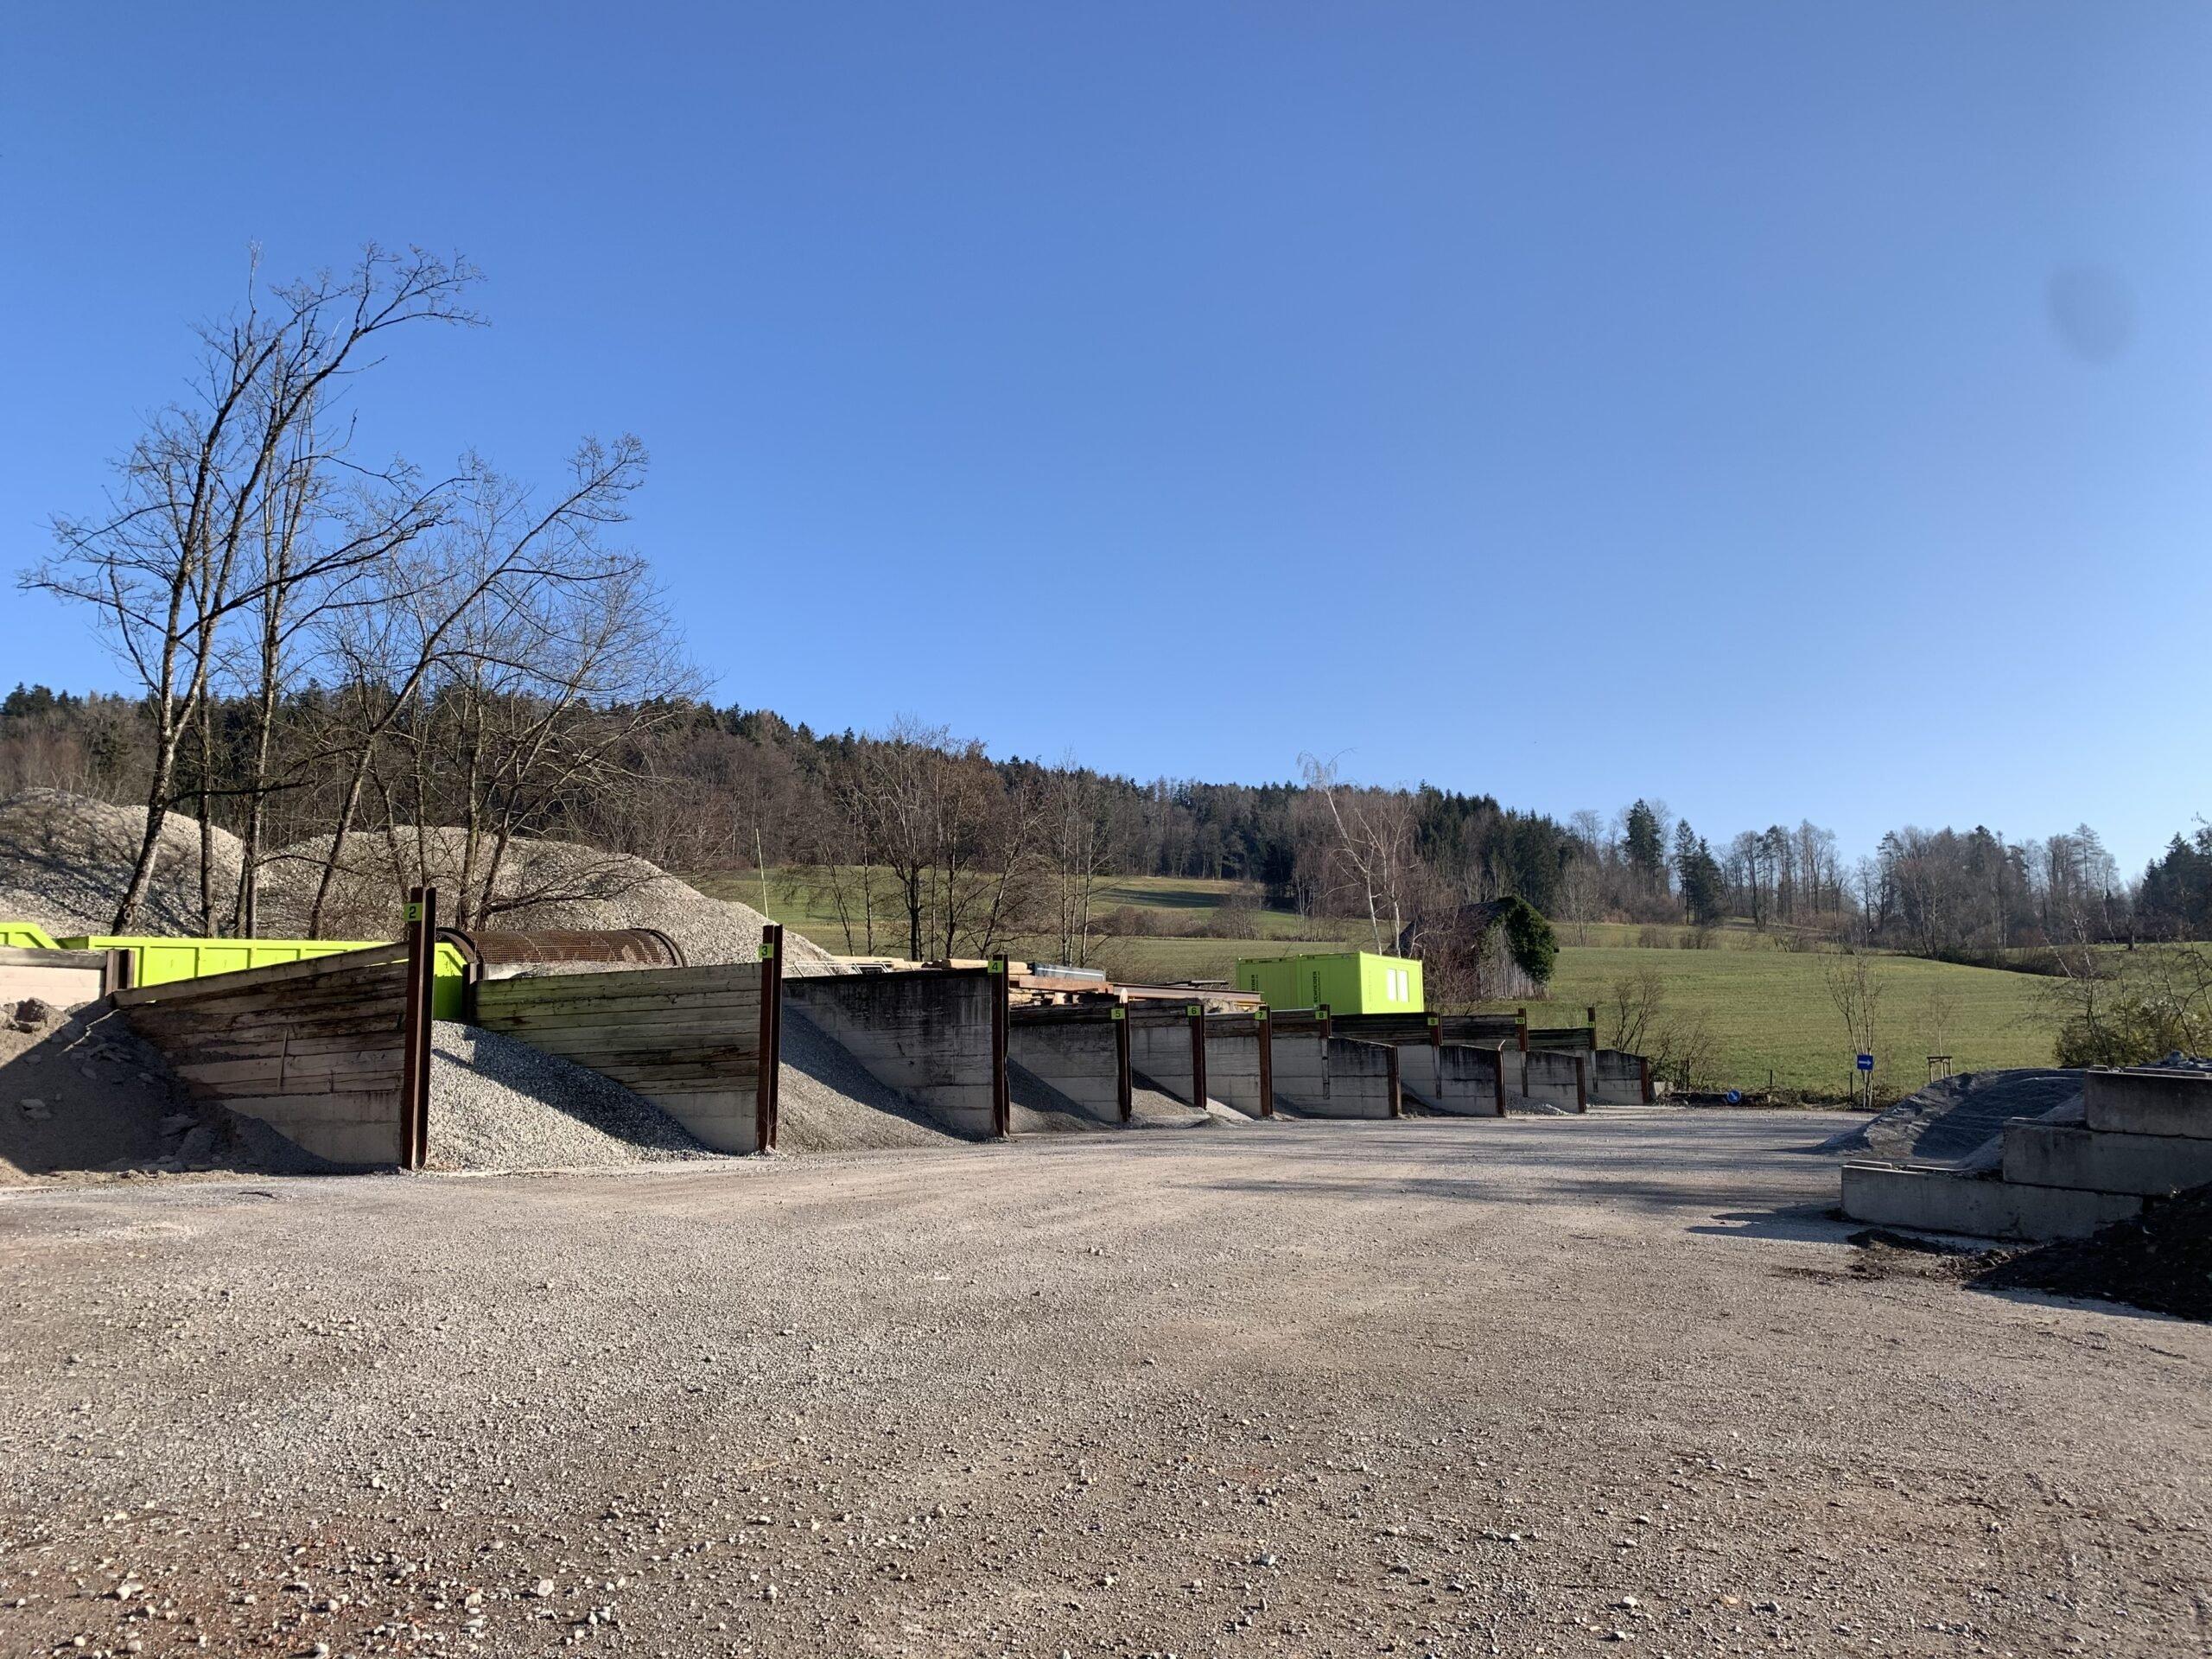 Kiesumschlagplatz Schumbel Meilen